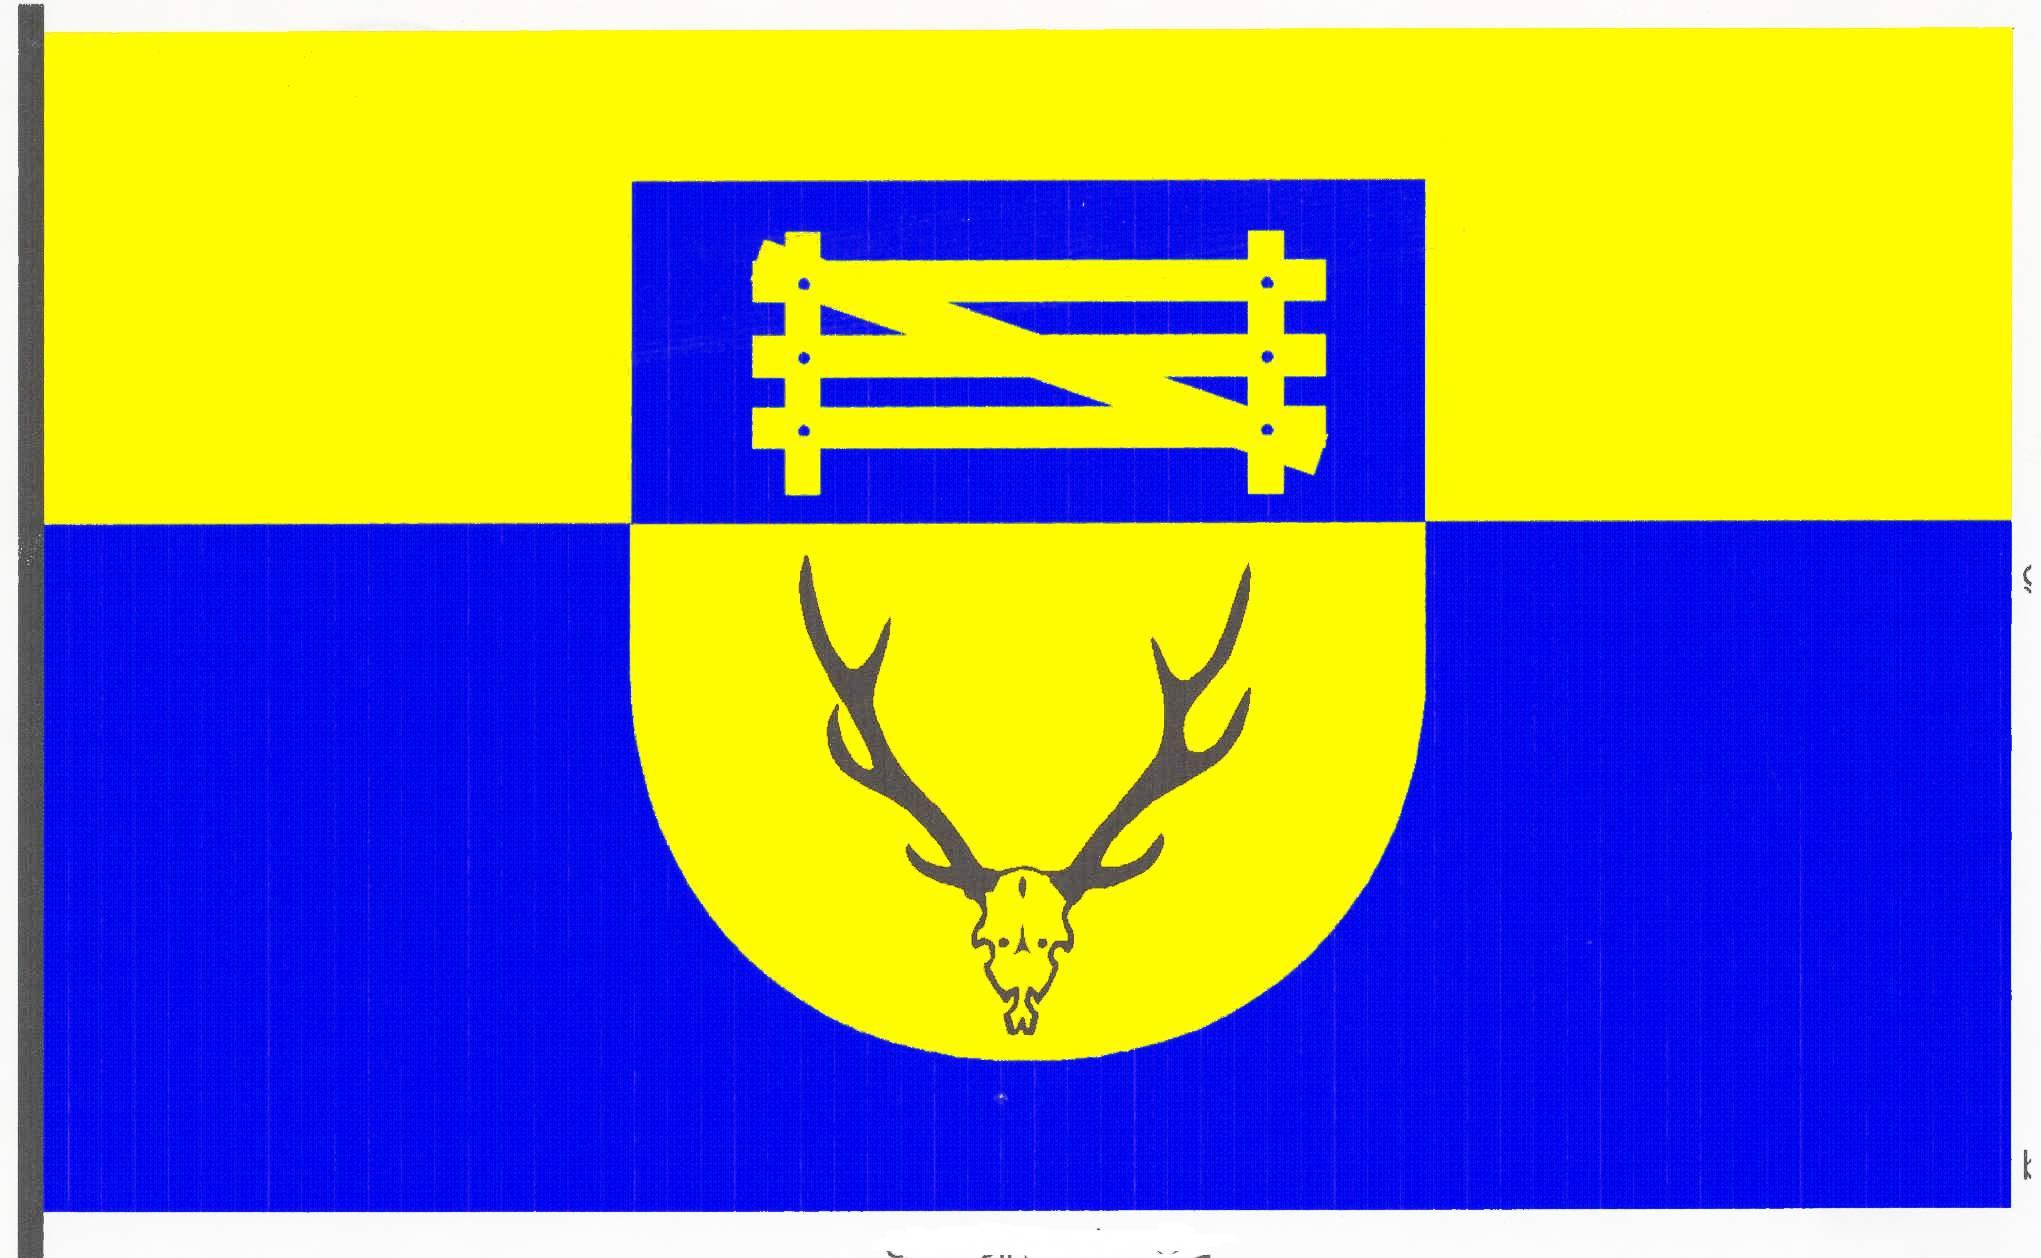 Flagge GemeindeStangheck, Kreis Schleswig-Flensburg